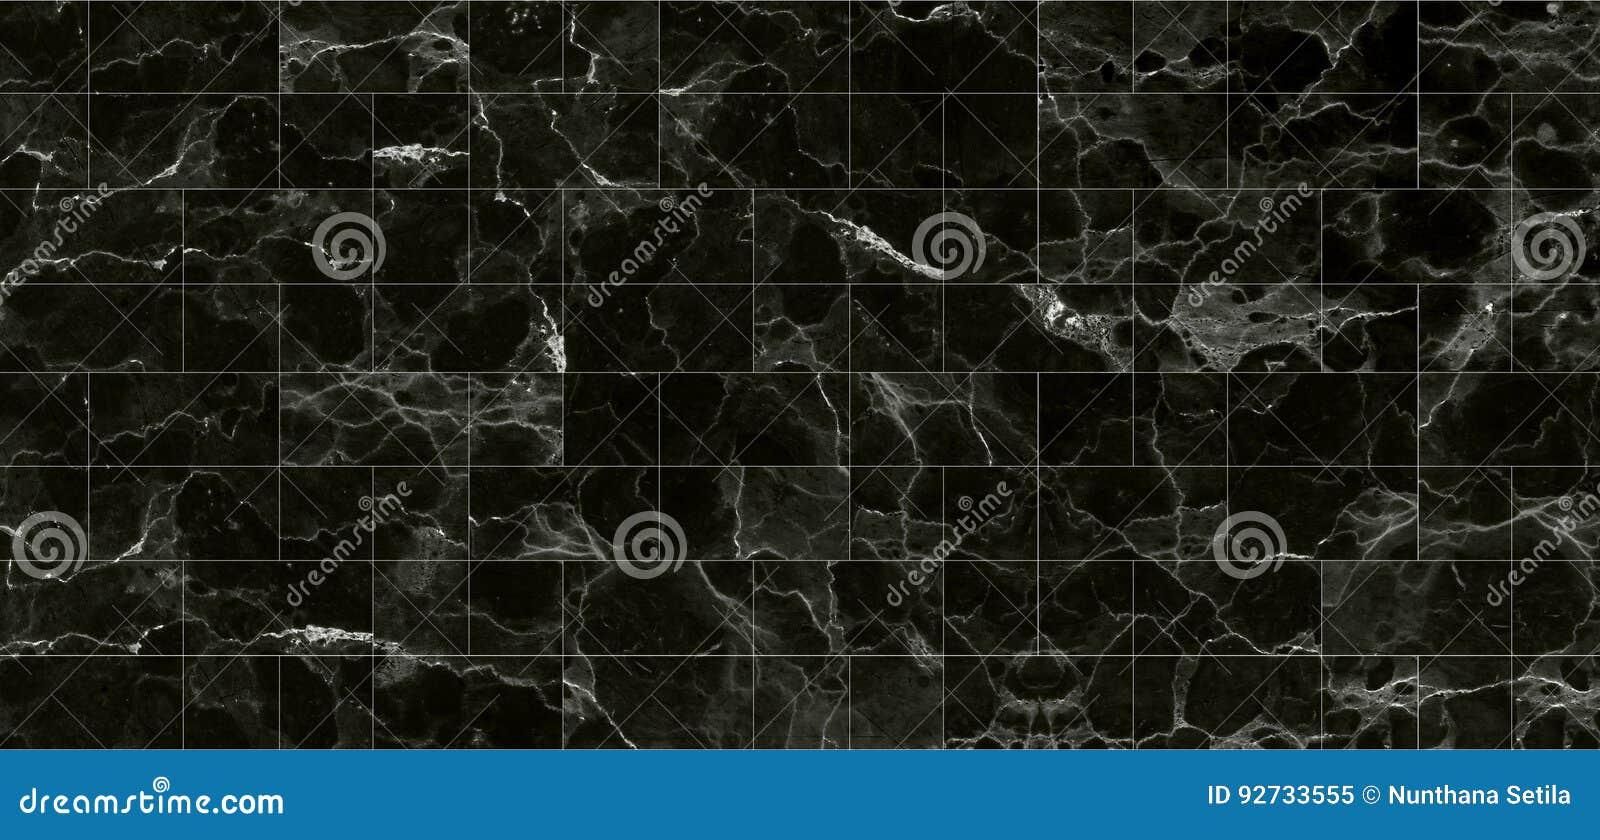 Czerni płytek tekstur marmurowy tło szczegółowa struktura marmur w naturalny wzorzystym dla tła i projekta